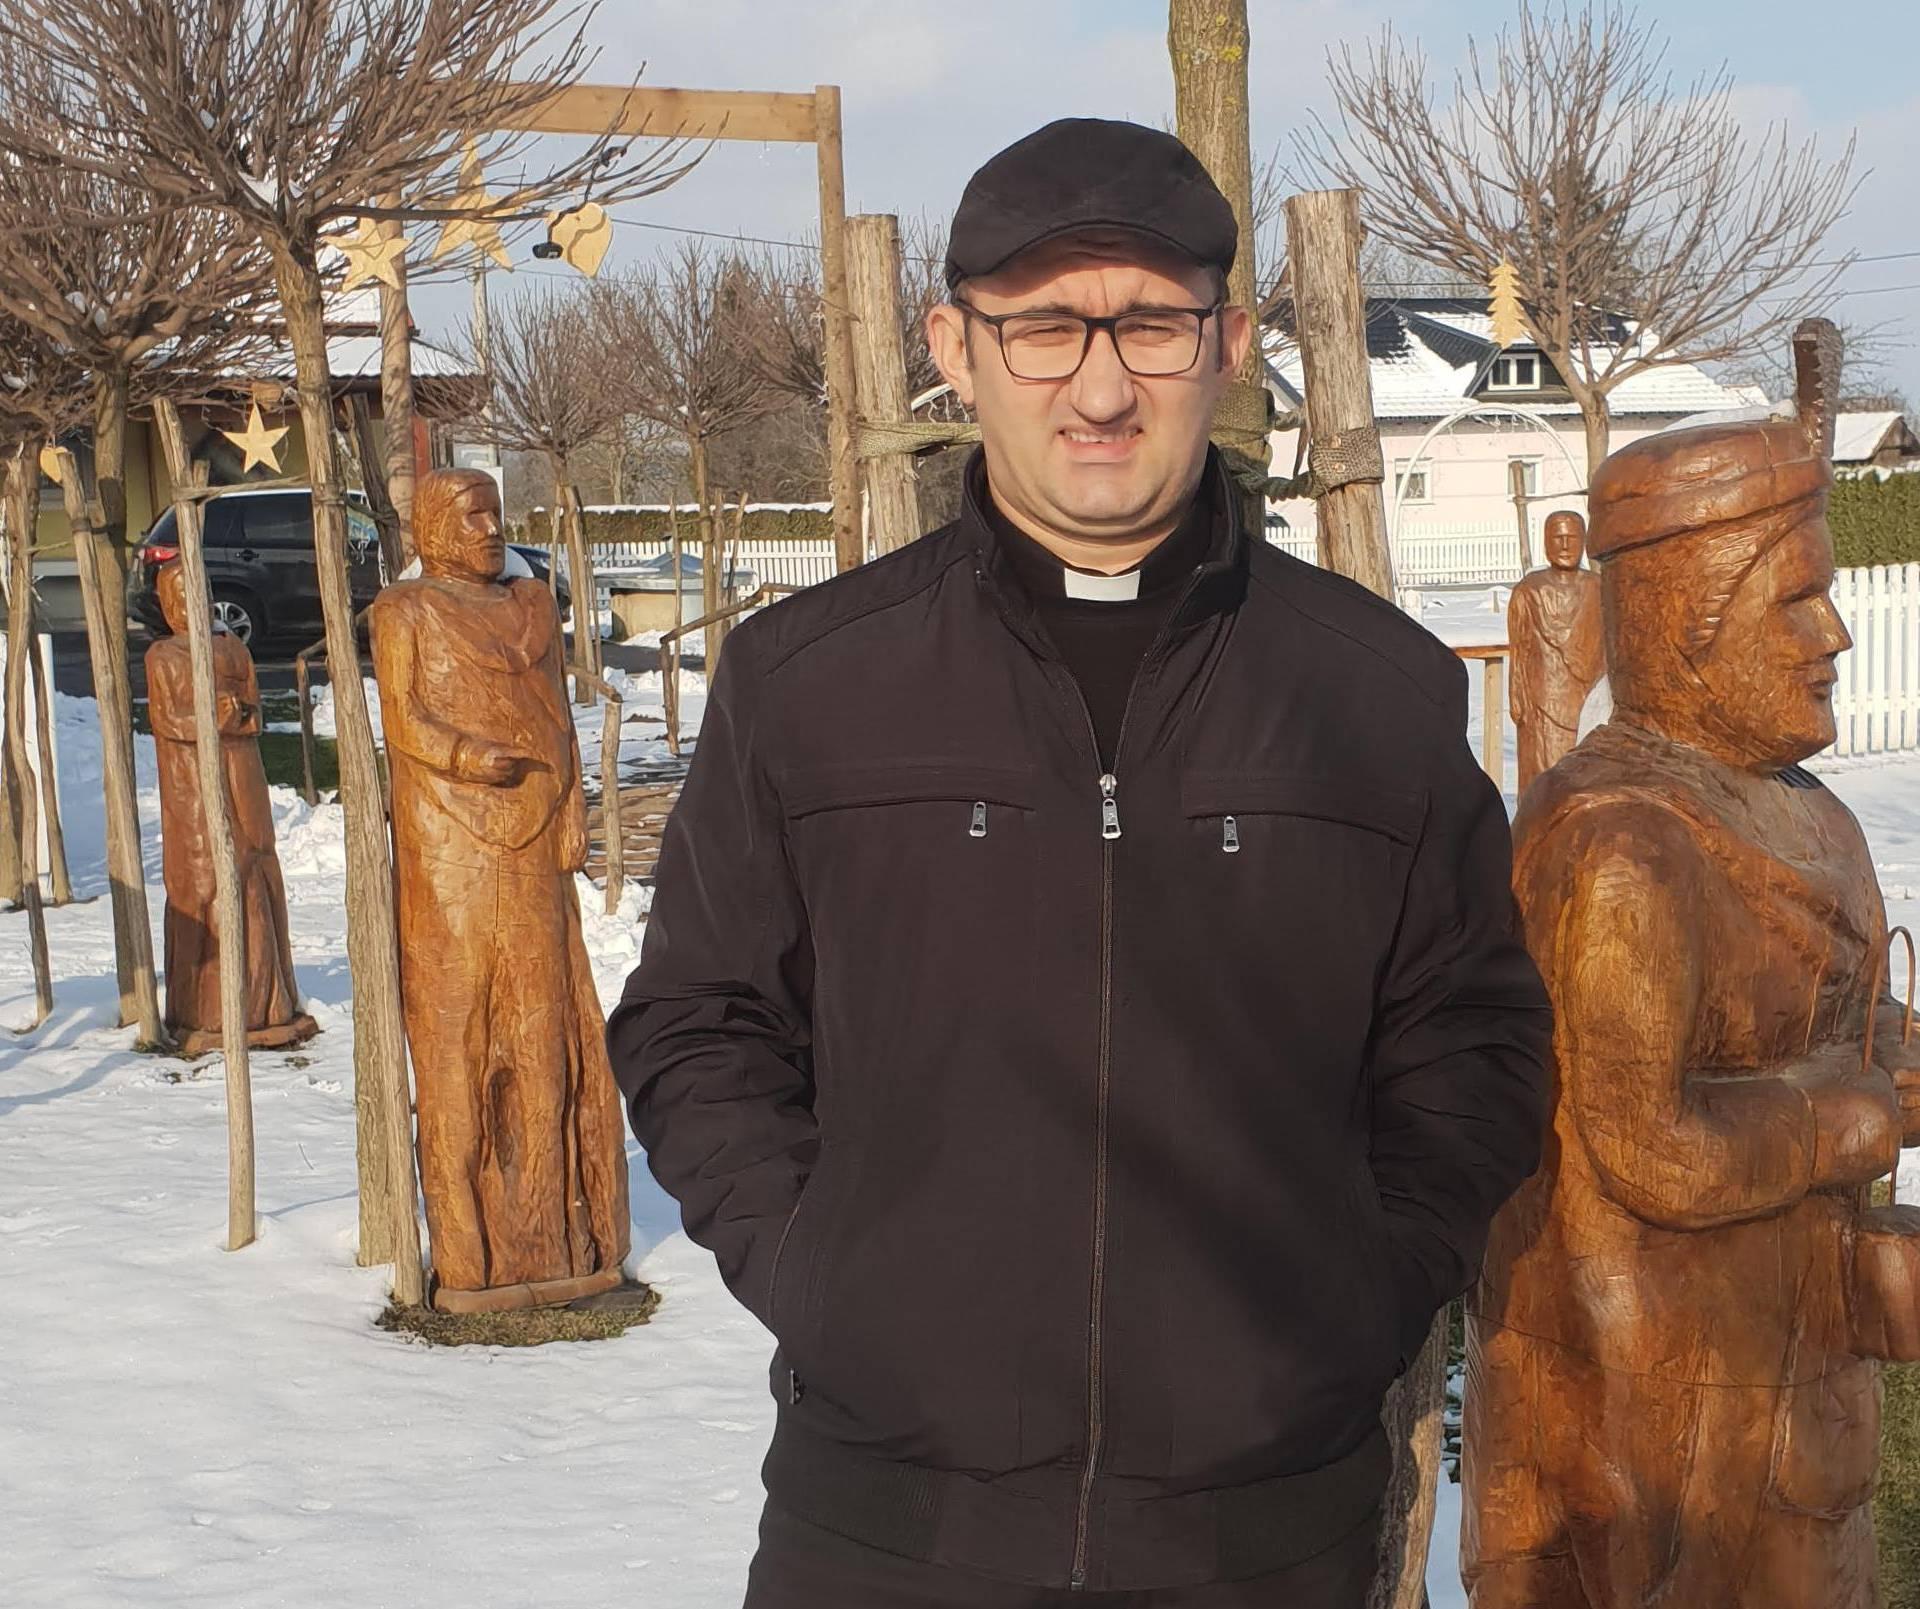 Župnik raspustio crkveni zbor u Reki: 'Prestari su, ogovaraju'